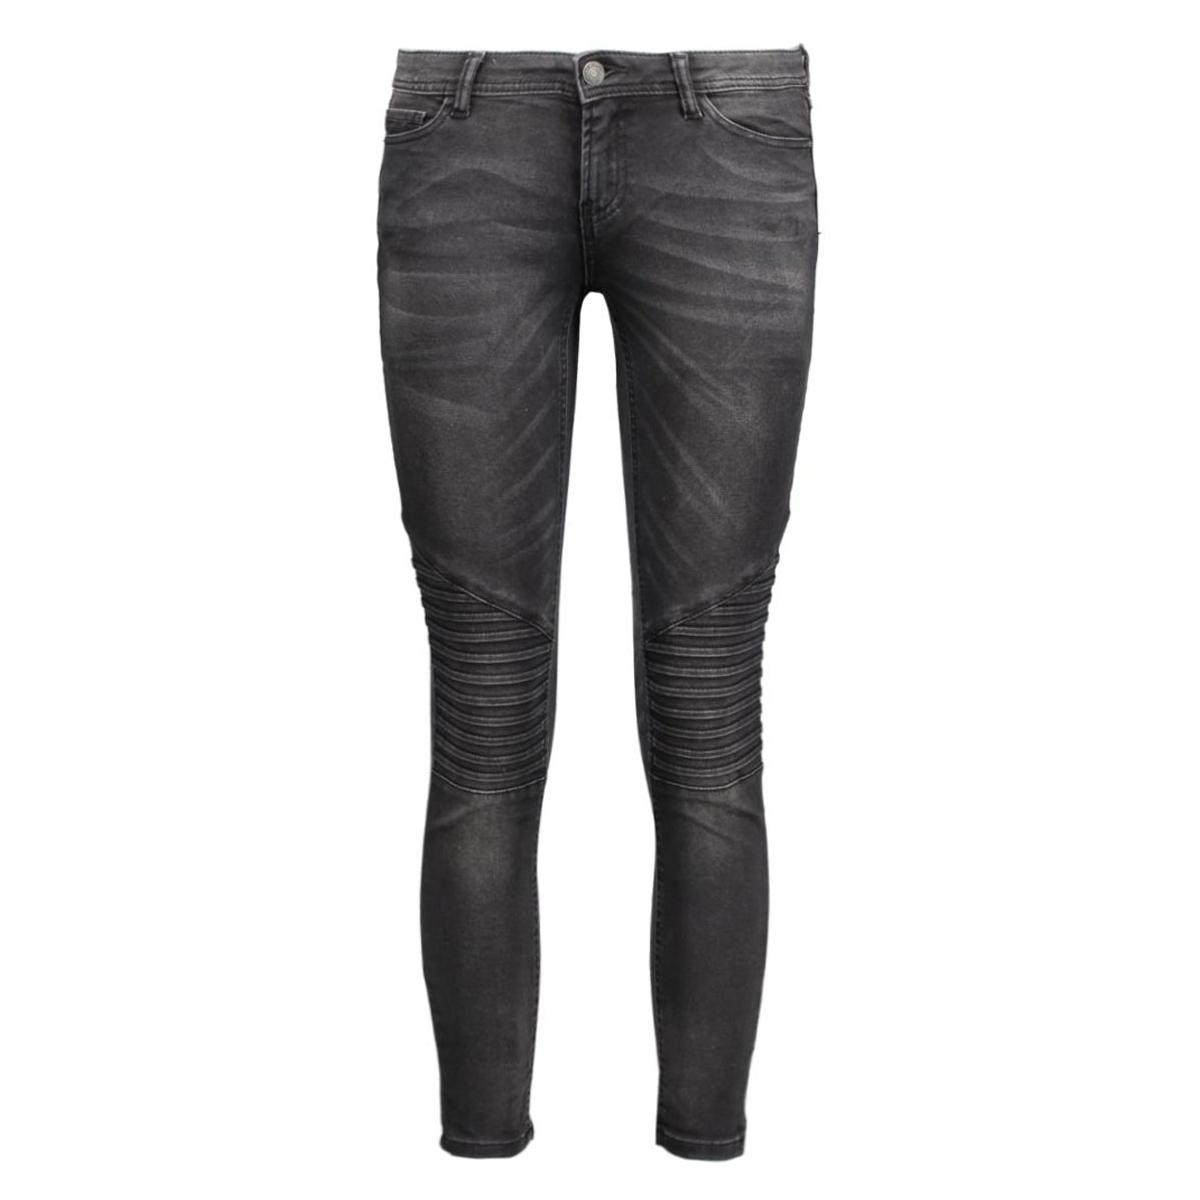 jdyskinny low waldo biker ankl jeans 15121396 jacqueline de yong jeans medium blue denim